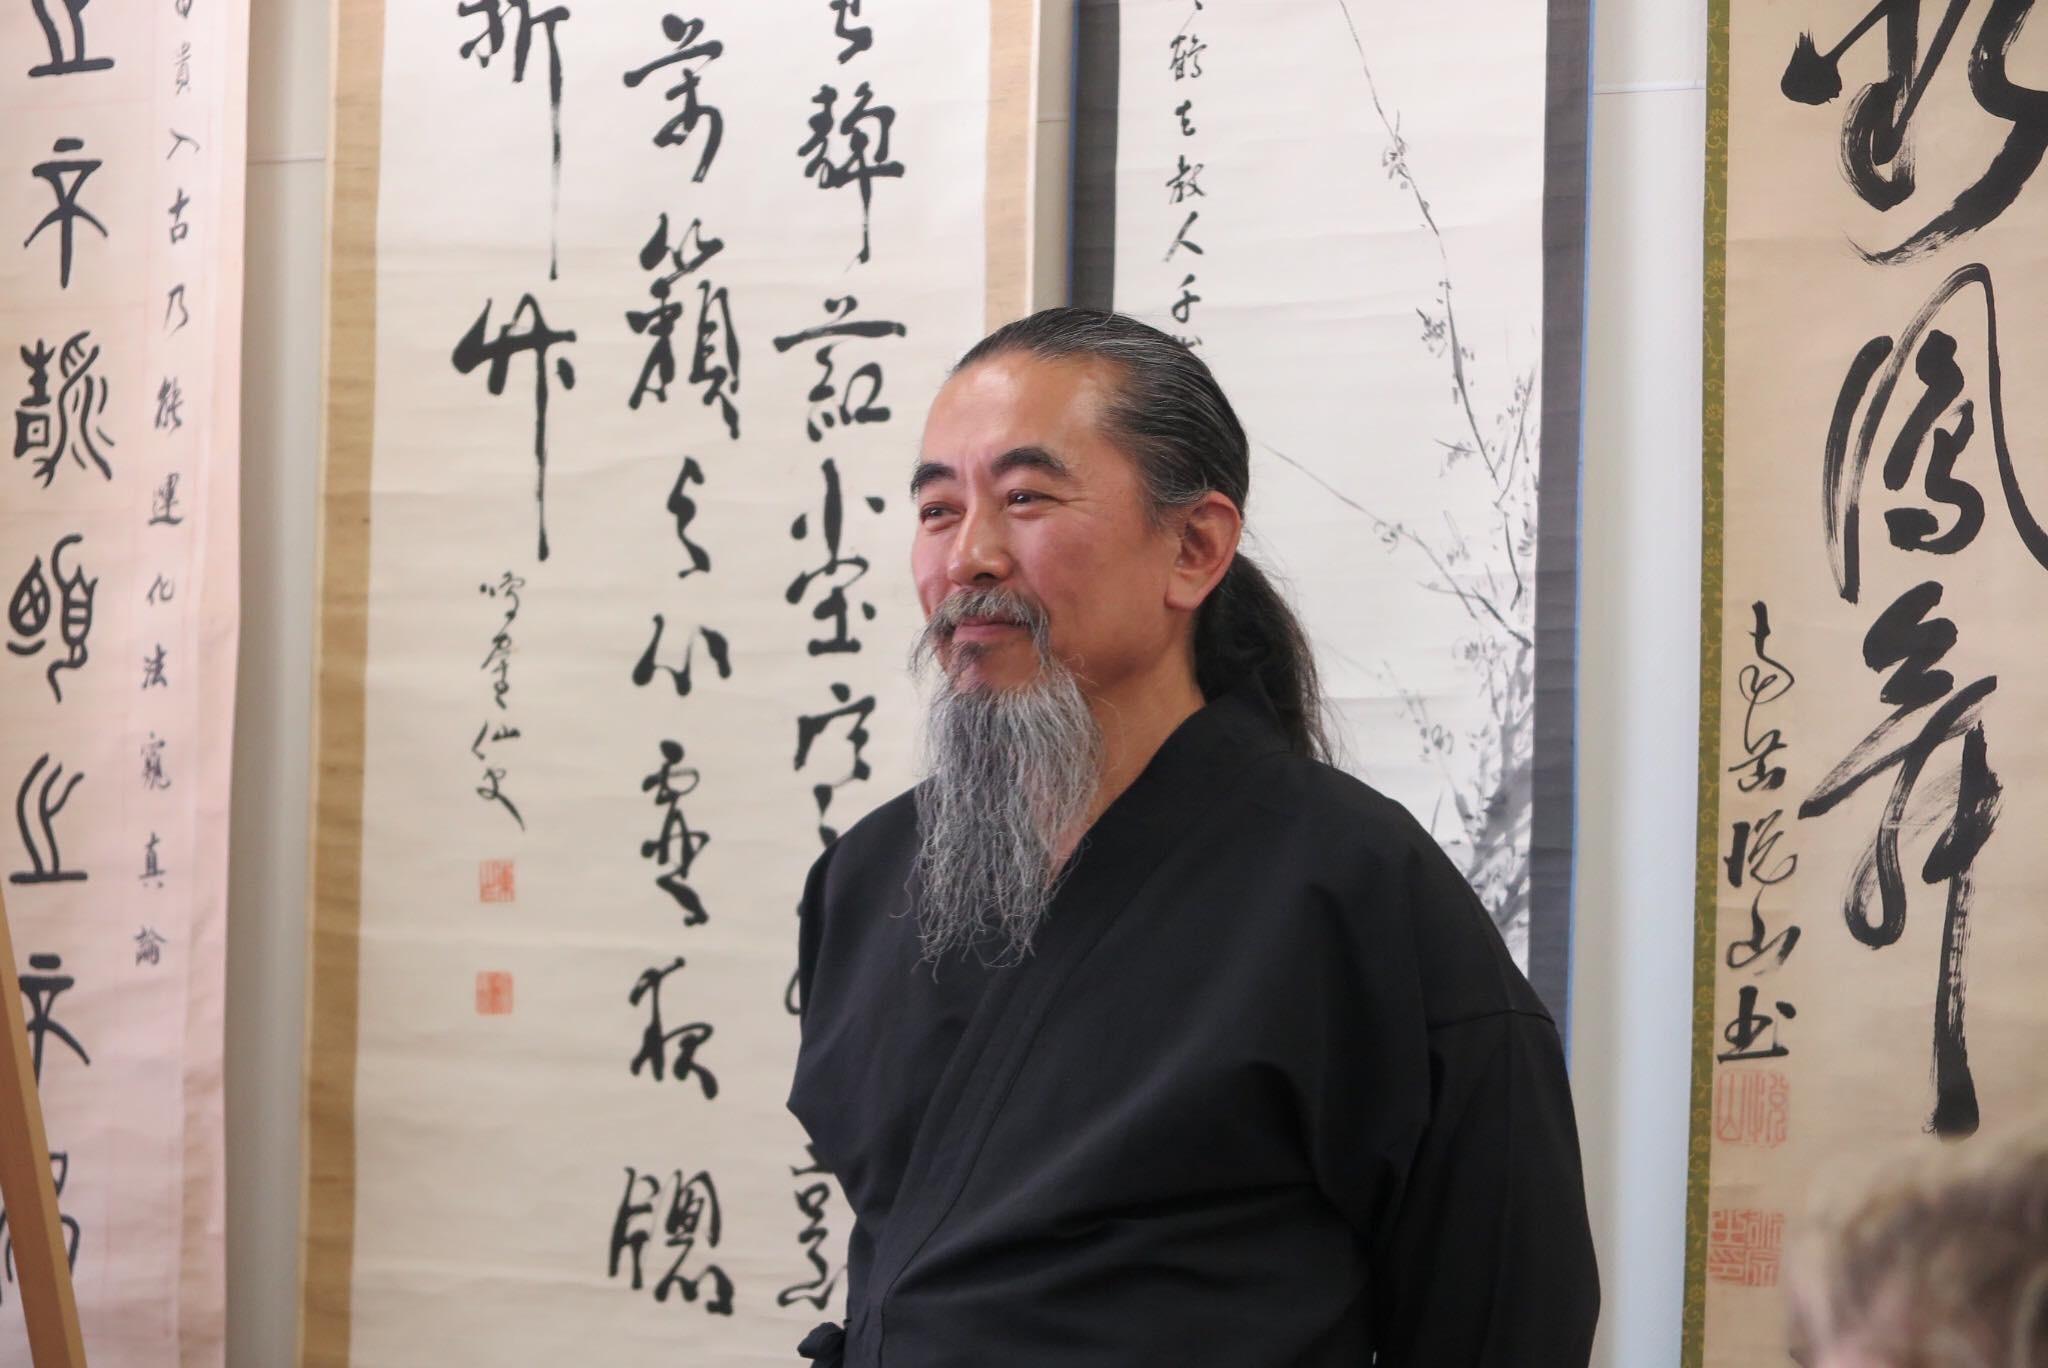 Sumi ink symposium Nara 2019_f0389753_17332073.jpeg